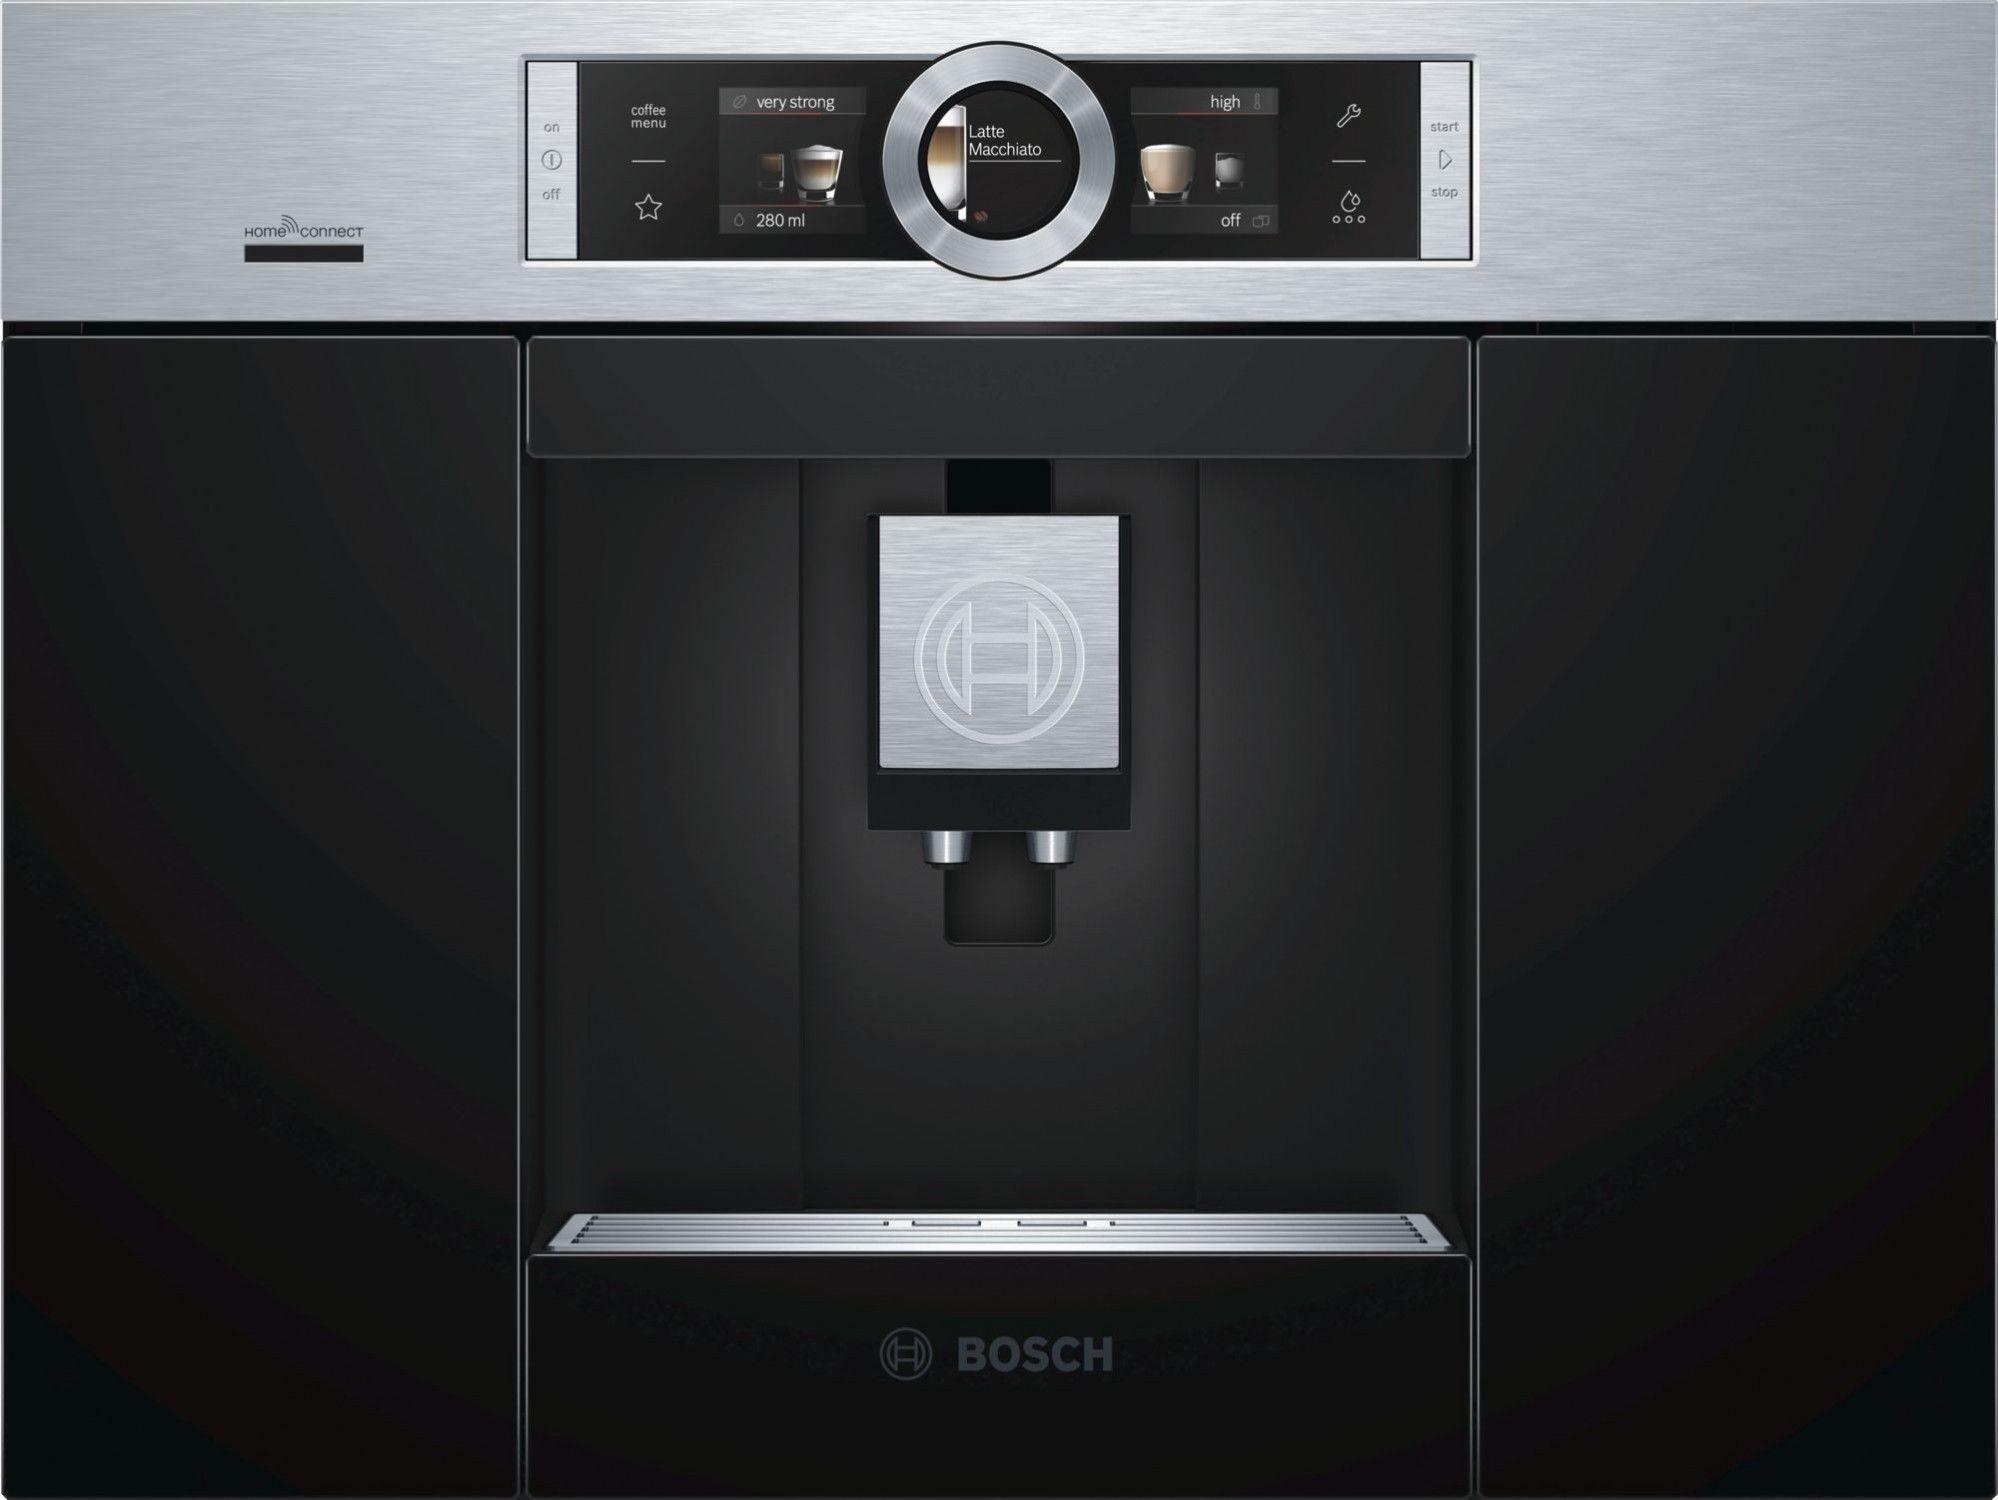 Ekspres Bosch CTL636ES6 Home Connect I tel. (22) 266 82 20 I Raty 0 % I kto pyta płaci mniej I Płatności online !